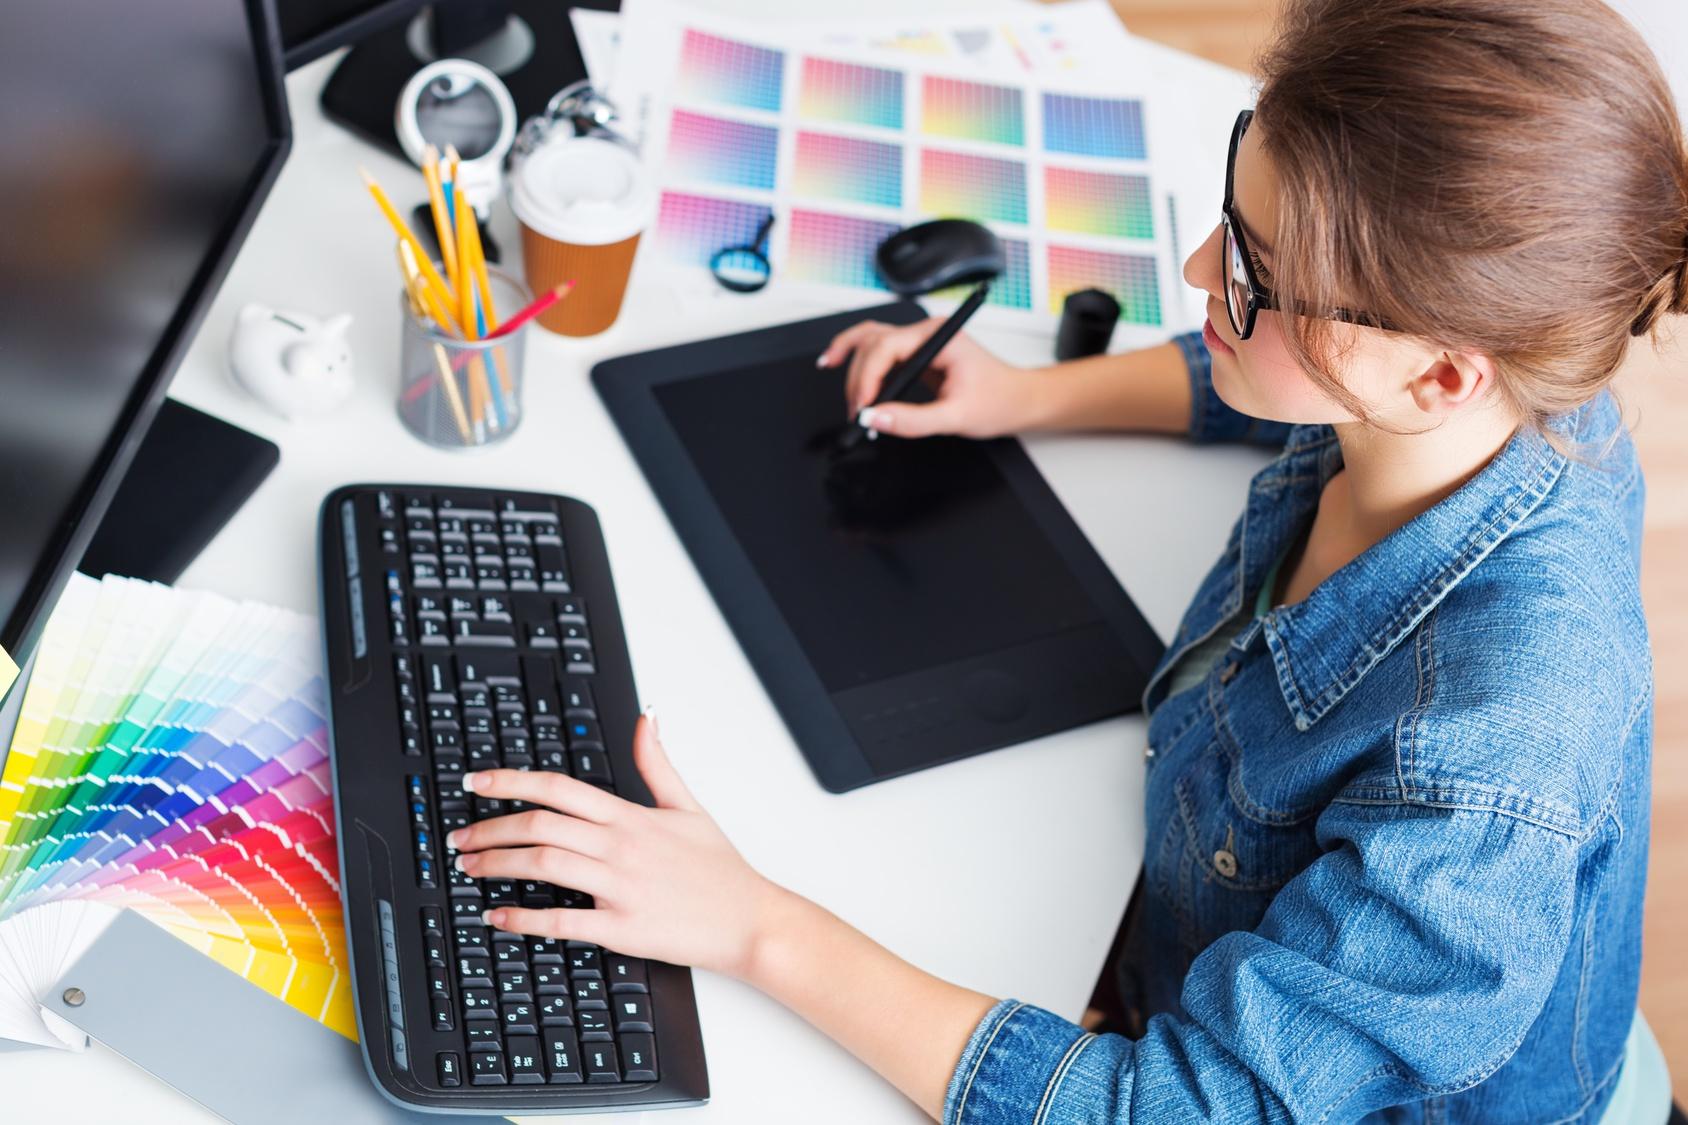 diseñadora trabajando